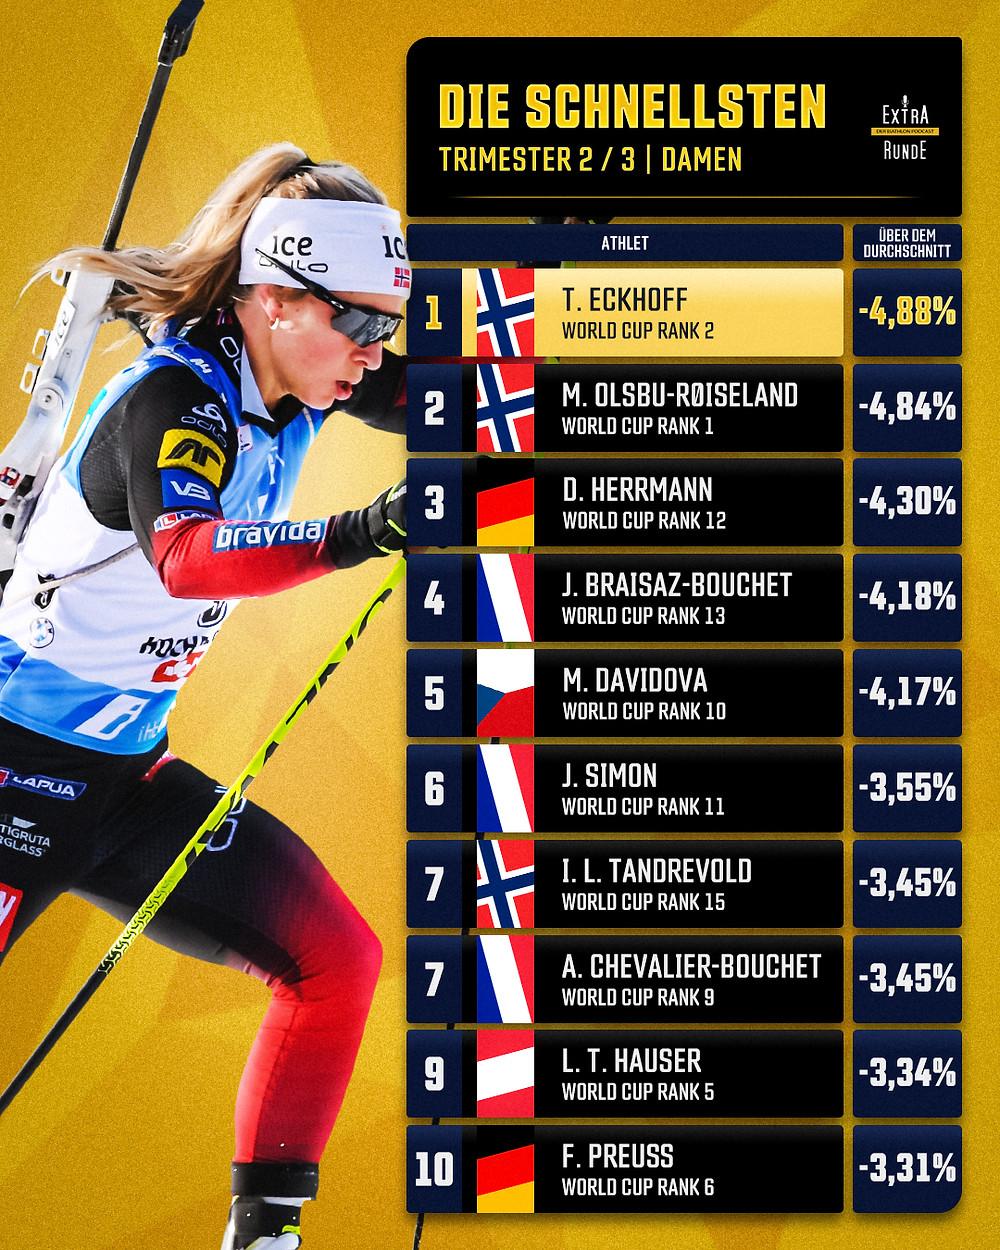 Laufleistung in Prozent der Biathlon Damen. Tiril Eckhoff gefolgt von Marte Olsbu Roeiseland und Denise Herrmann. Mit Franziska Preuß zwei deutsche Biathletinnen unter den Top 10